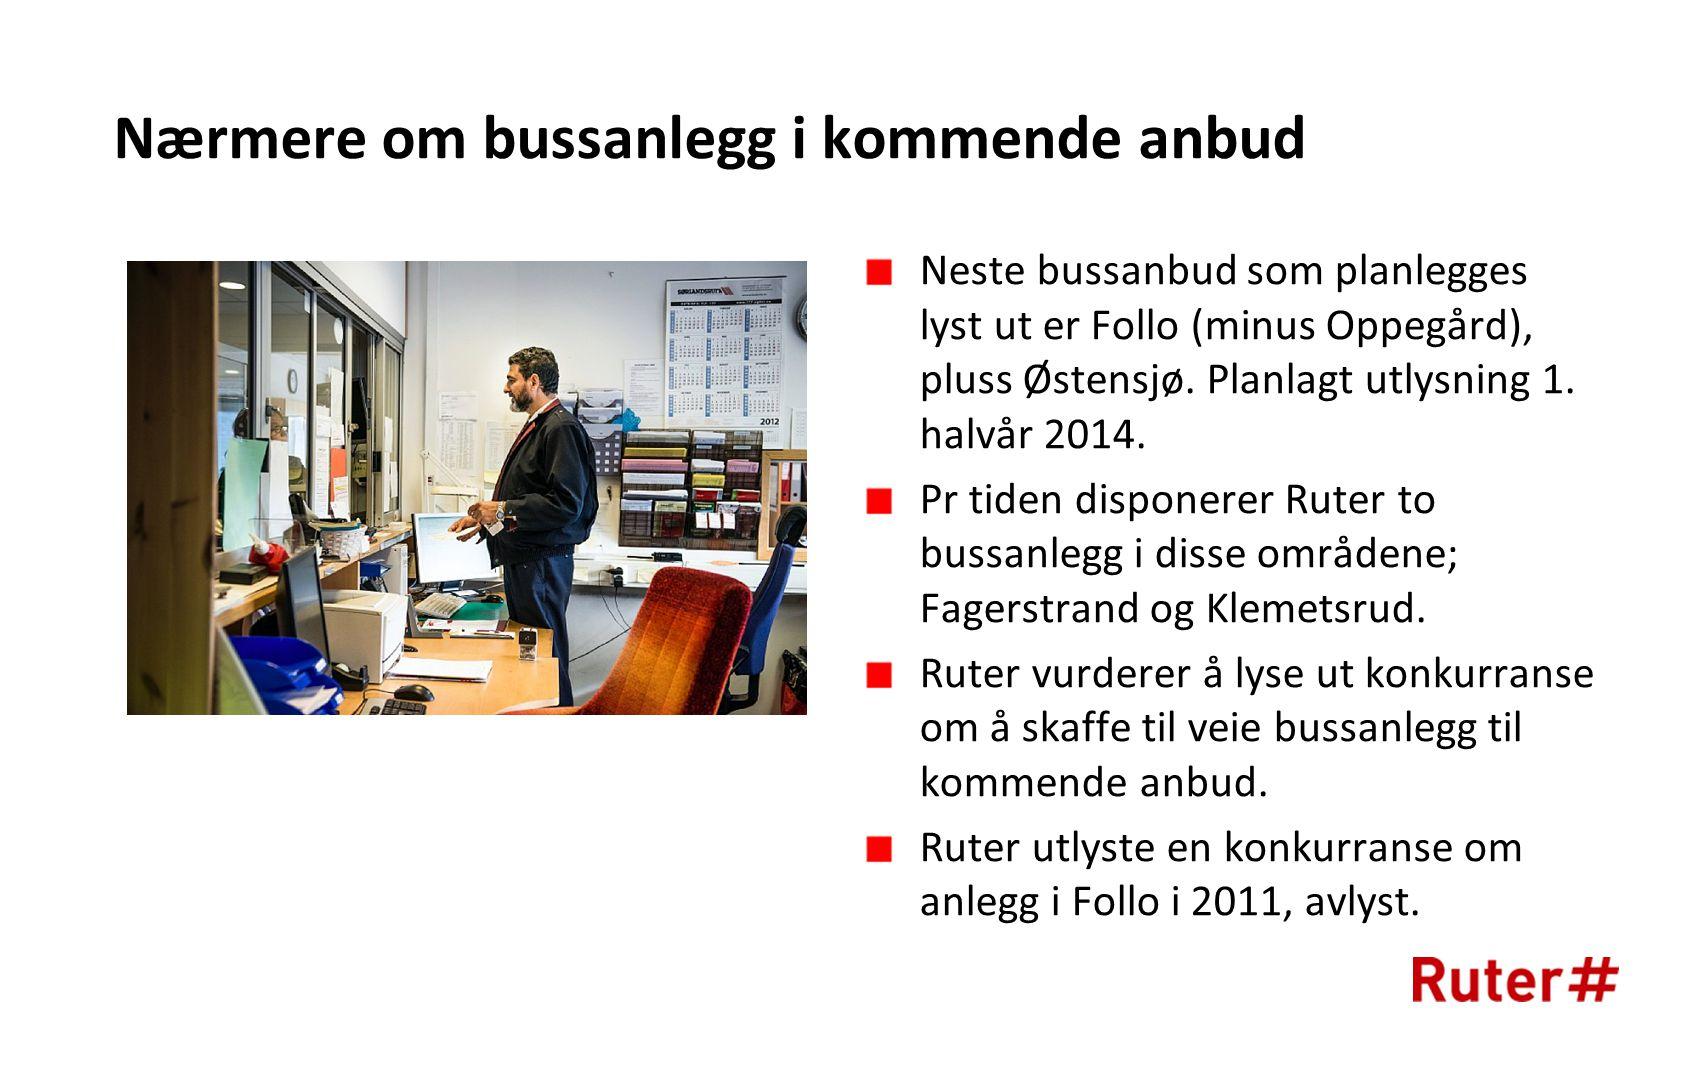 Nærmere om bussanlegg i kommende anbud